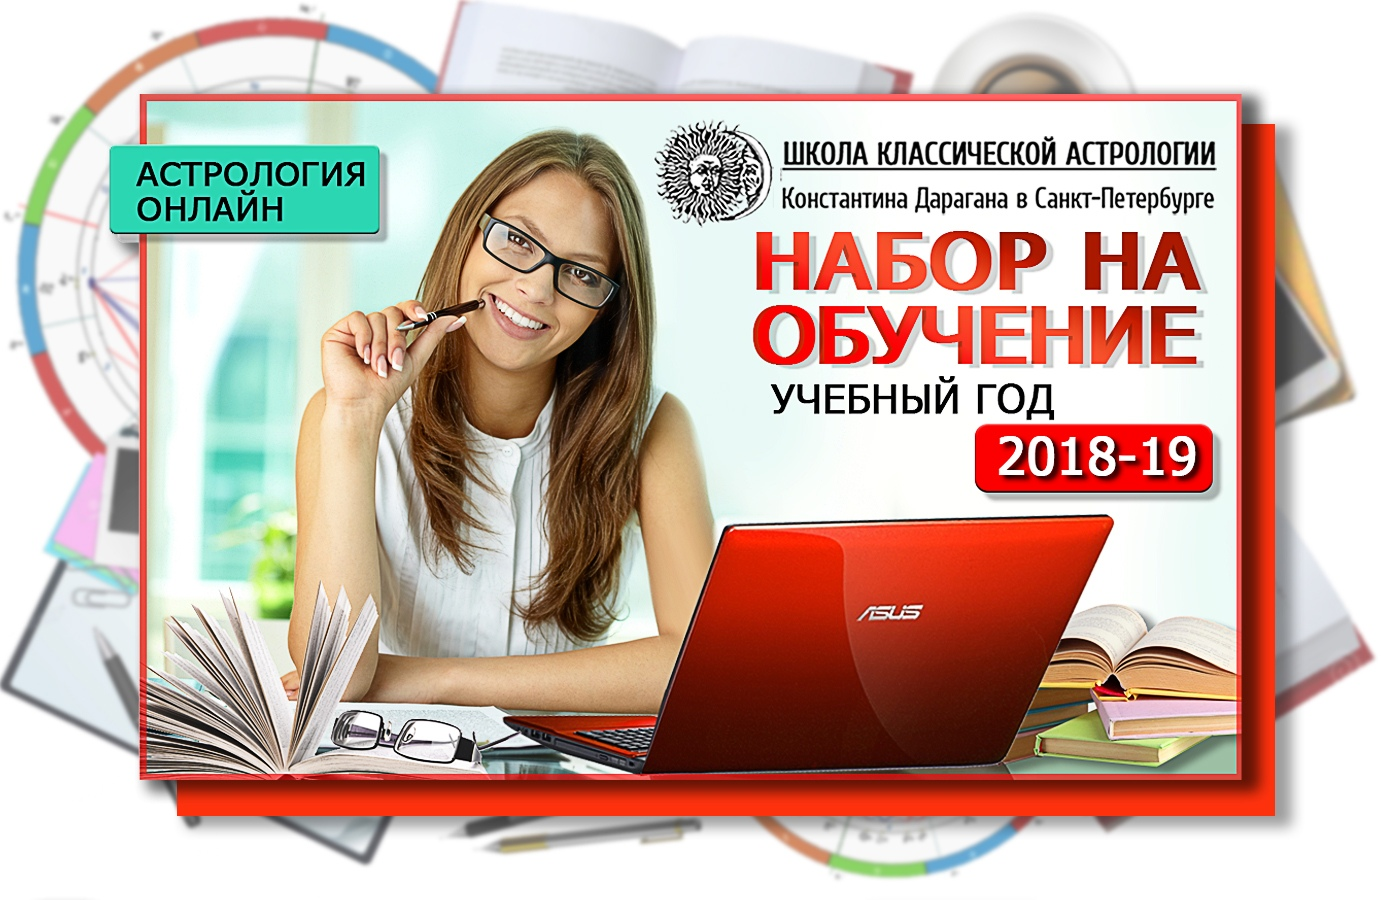 Набор на обучение 2018-19 учебный год